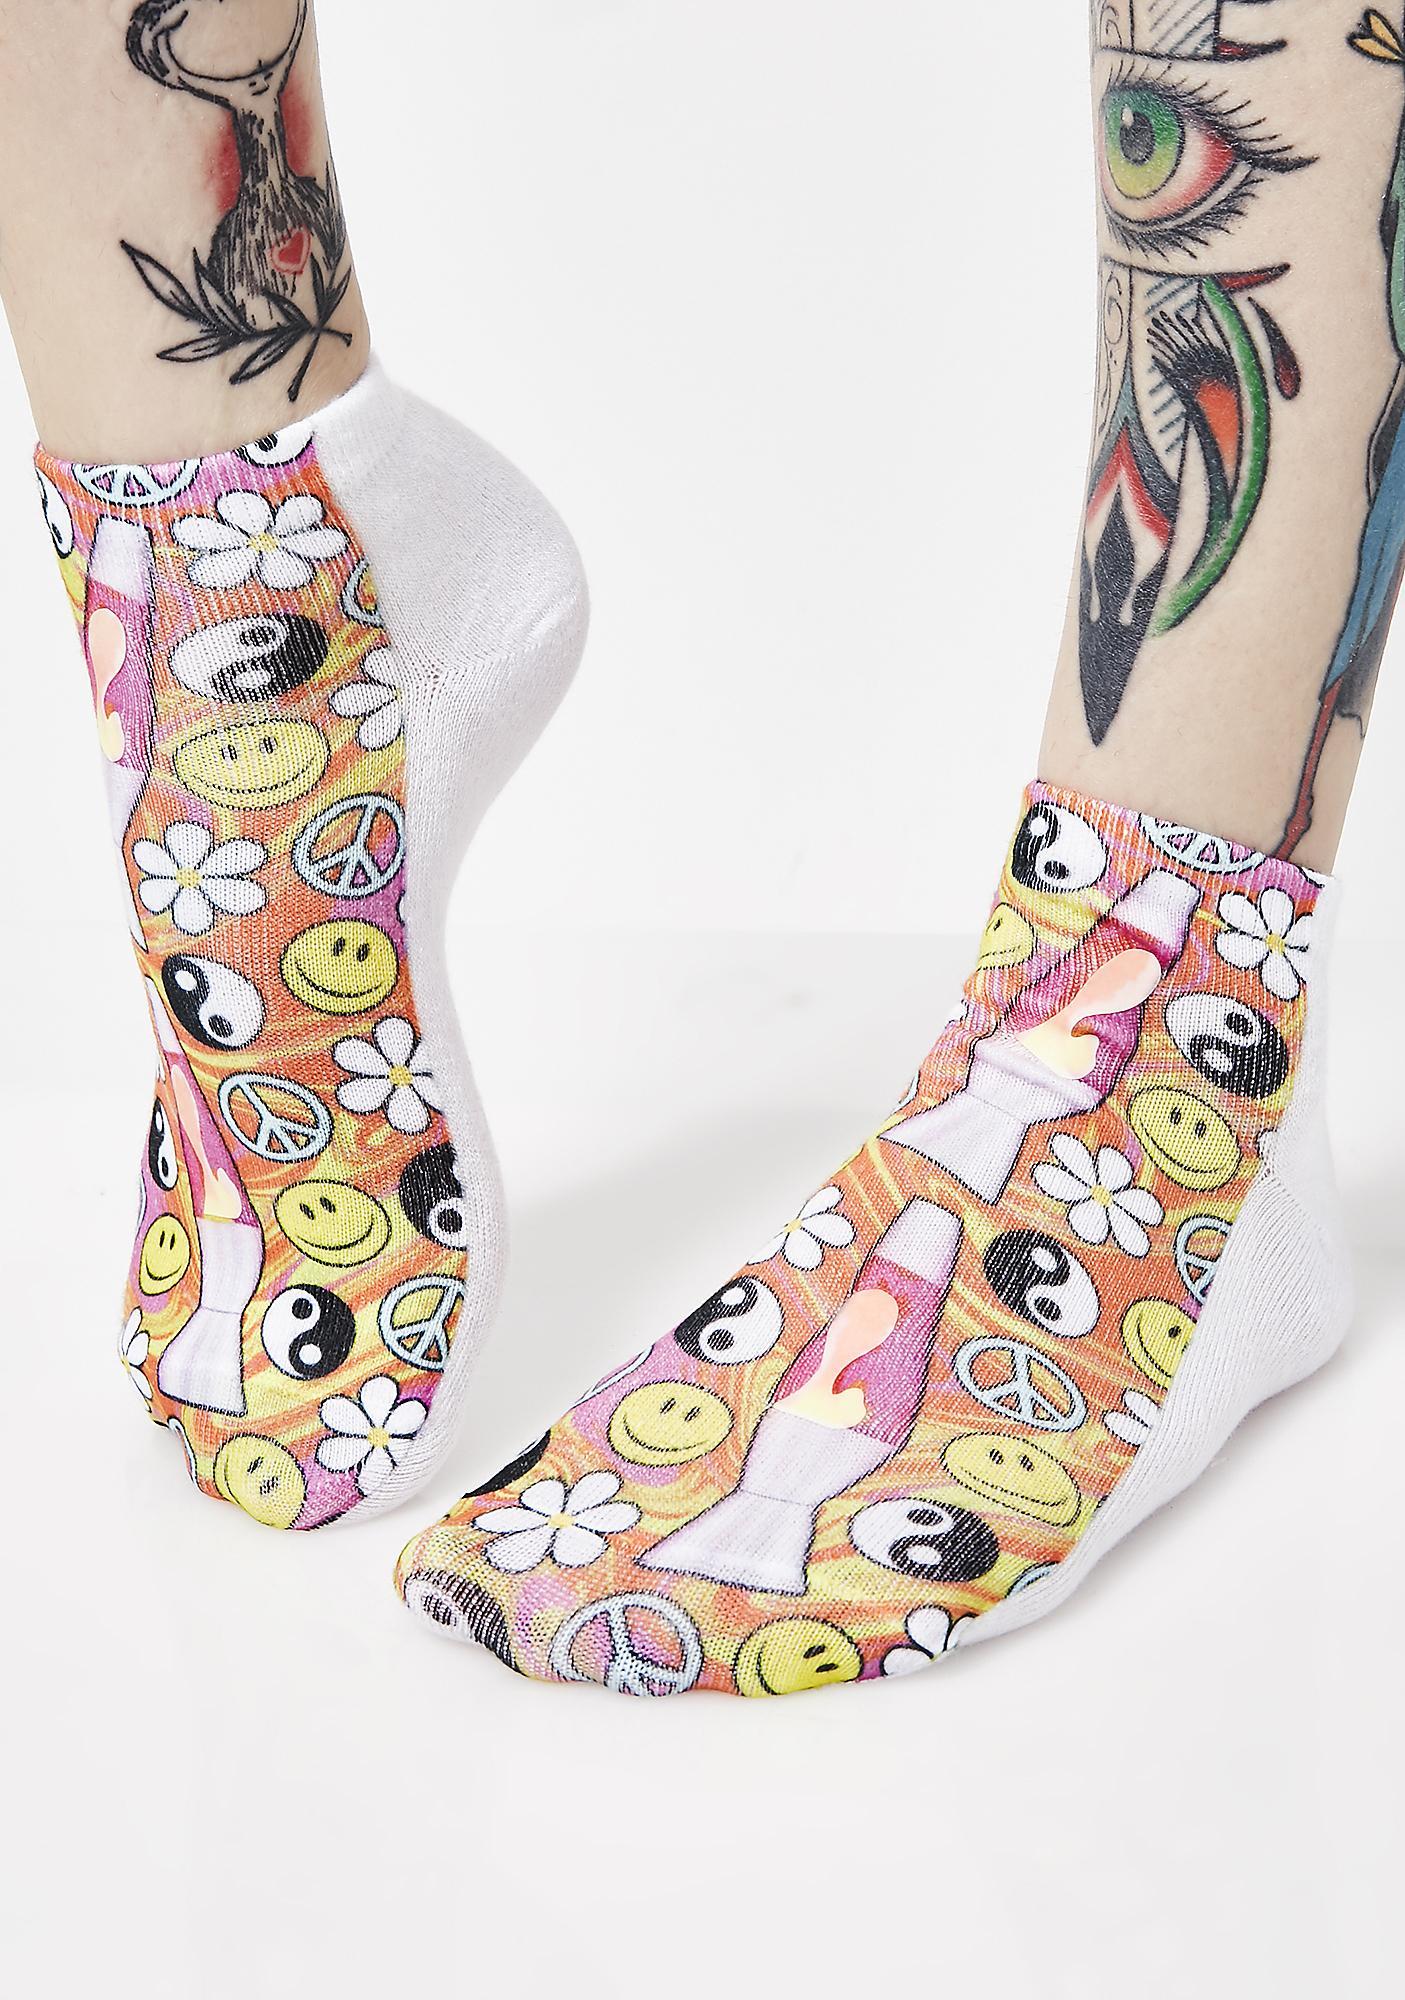 Feelin' Groovy Glow-In-The-Dark Socks